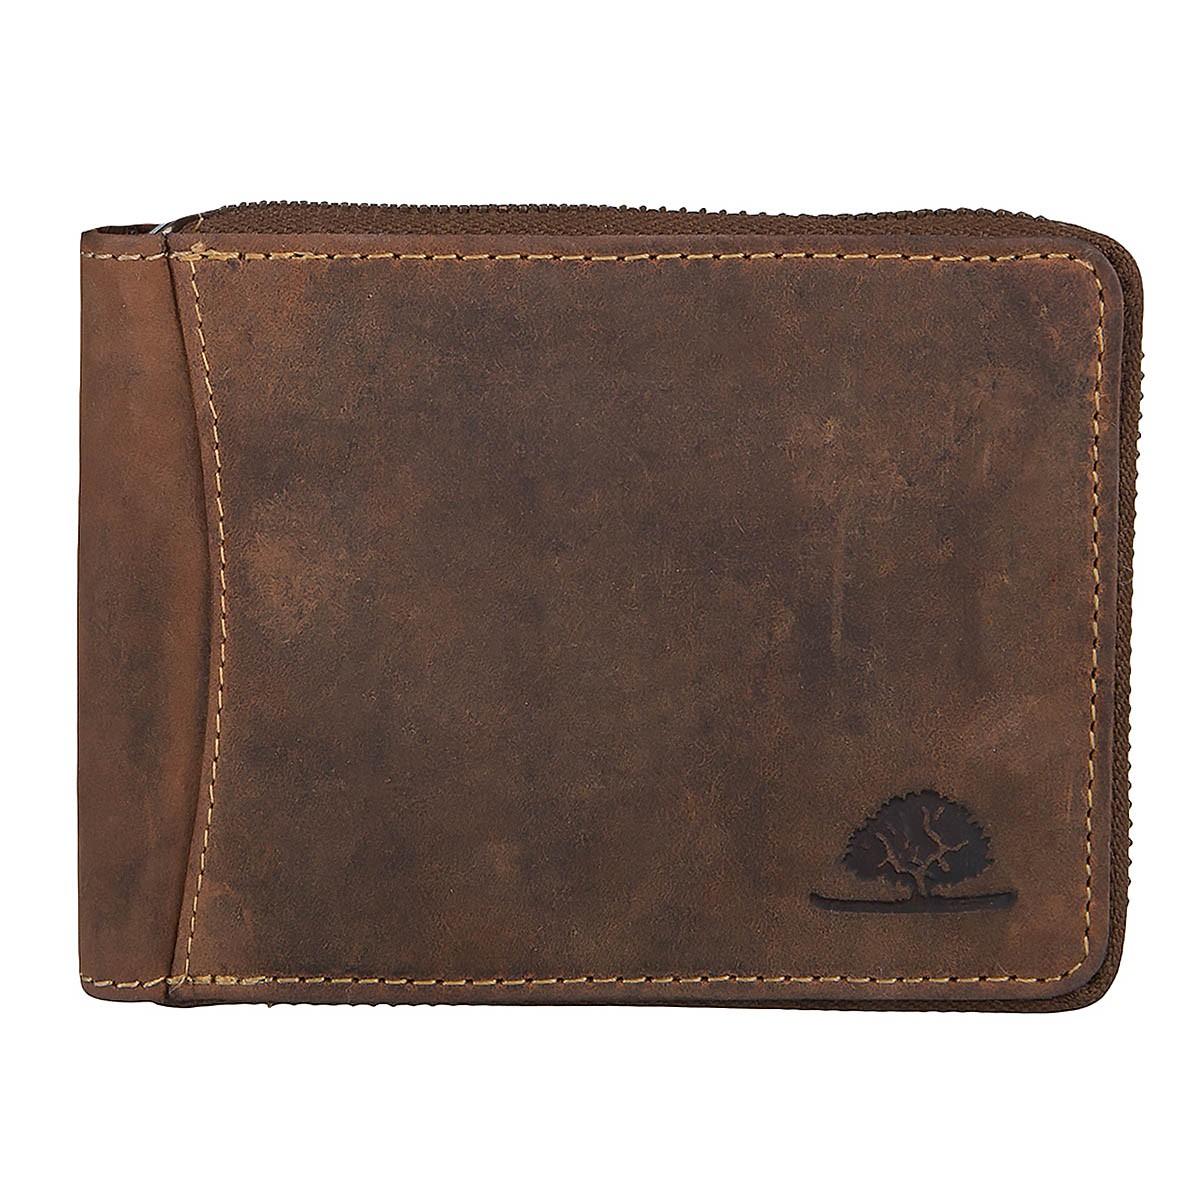 Greenburry Vintage Leder Reißverschluss Geldbörse 1666-25